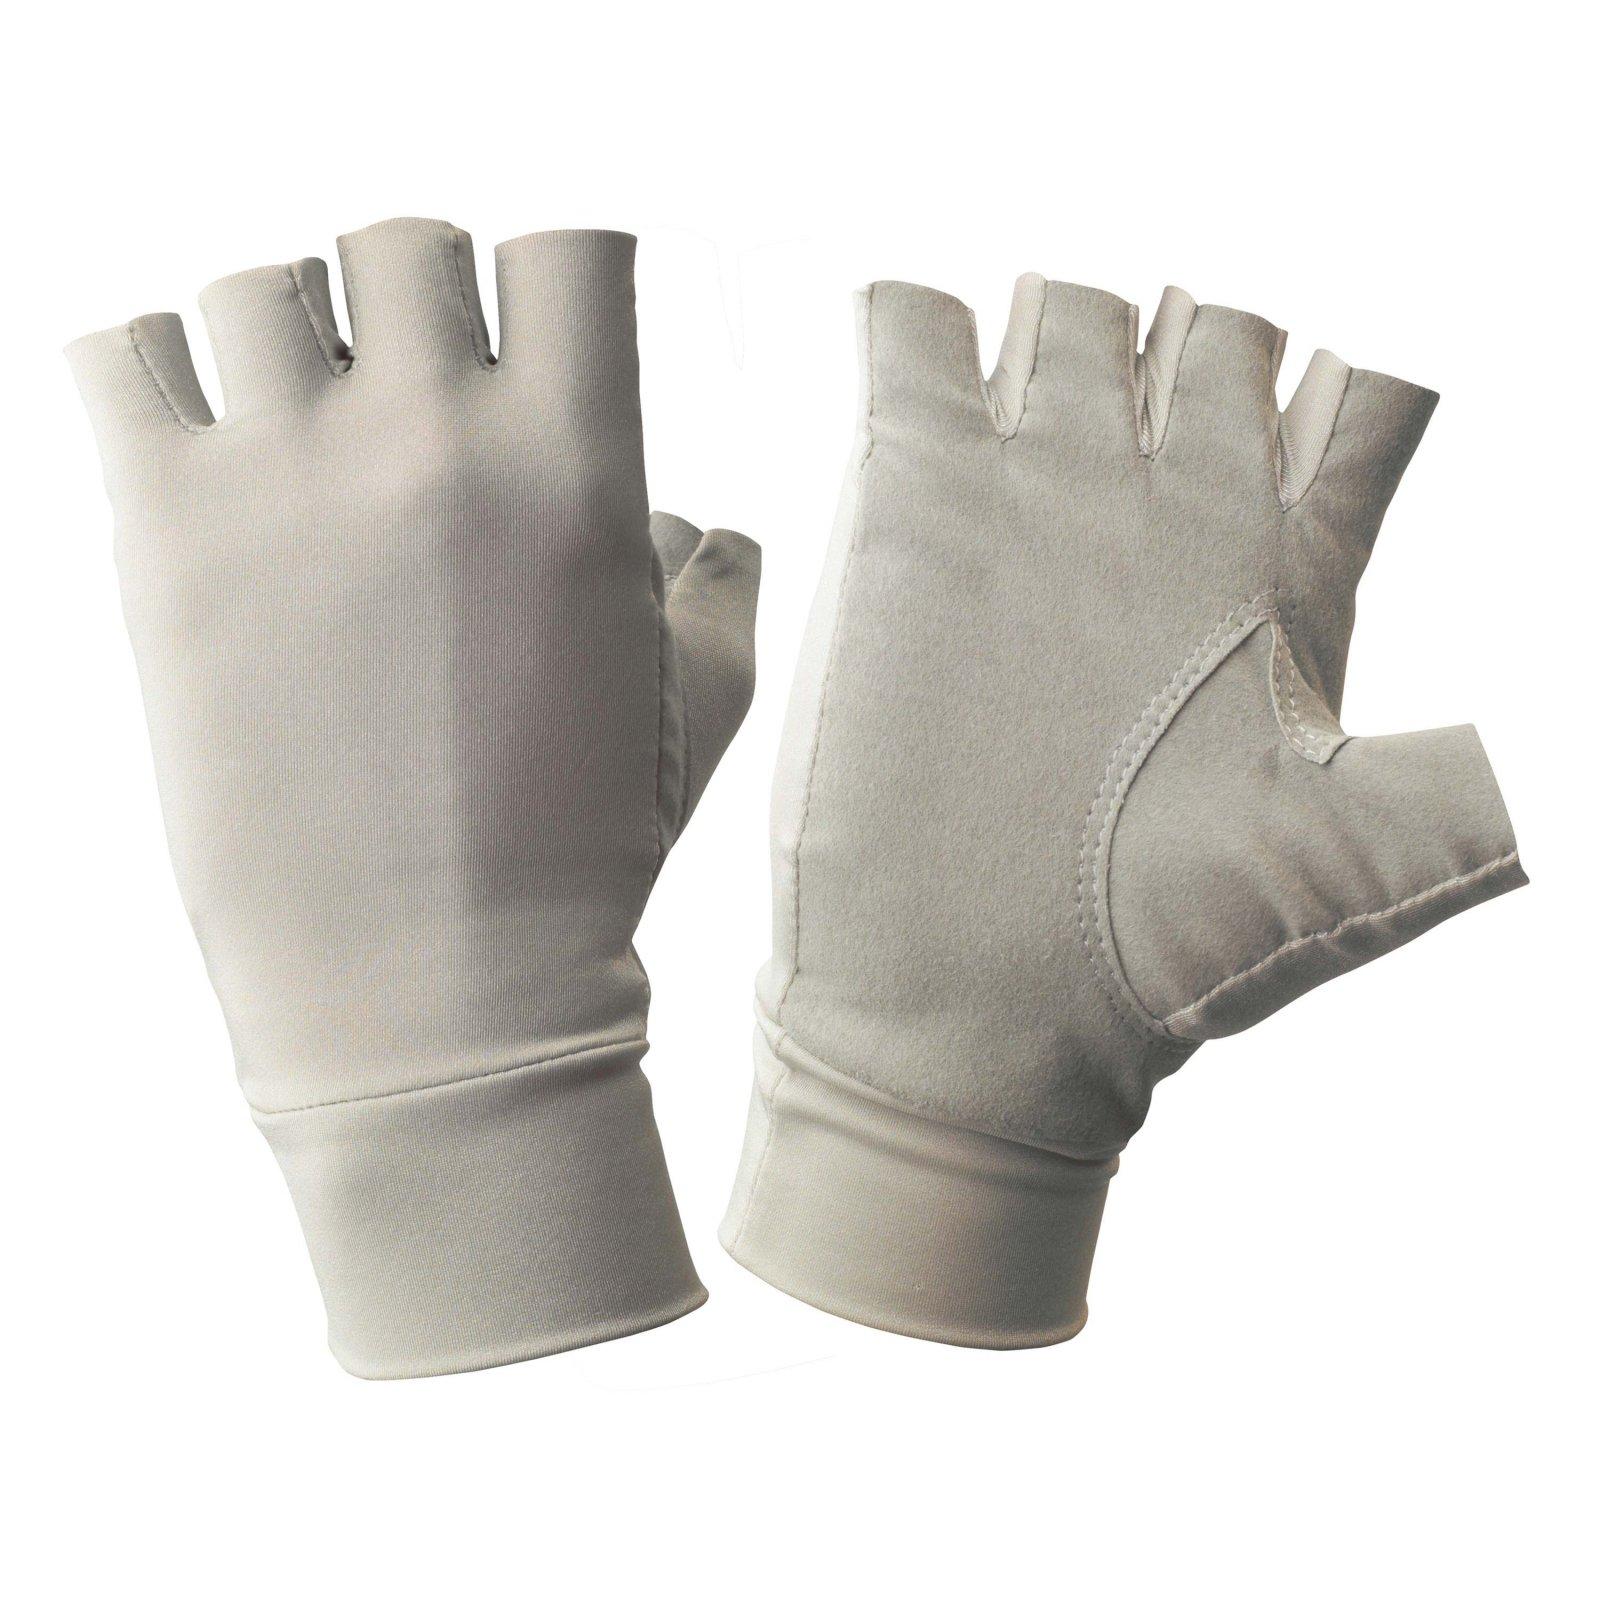 Stohlquist Sun Glove